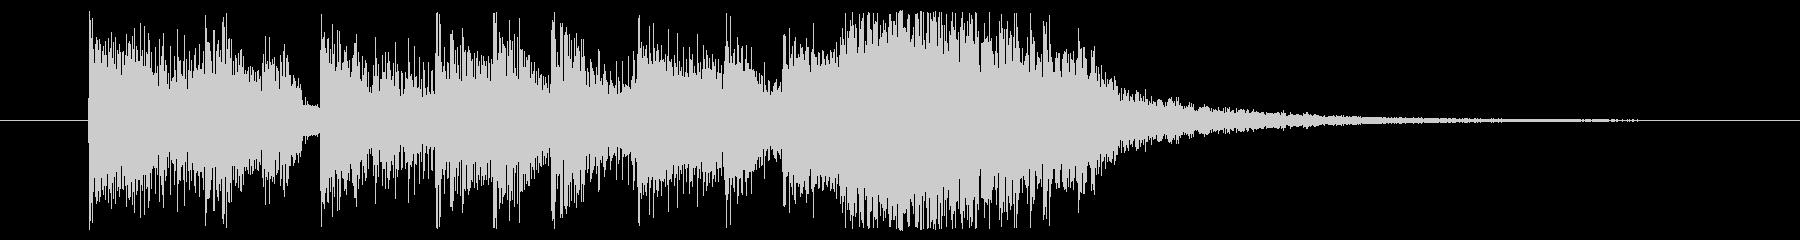 上がっていくノリのいいEDM系ジングルの未再生の波形